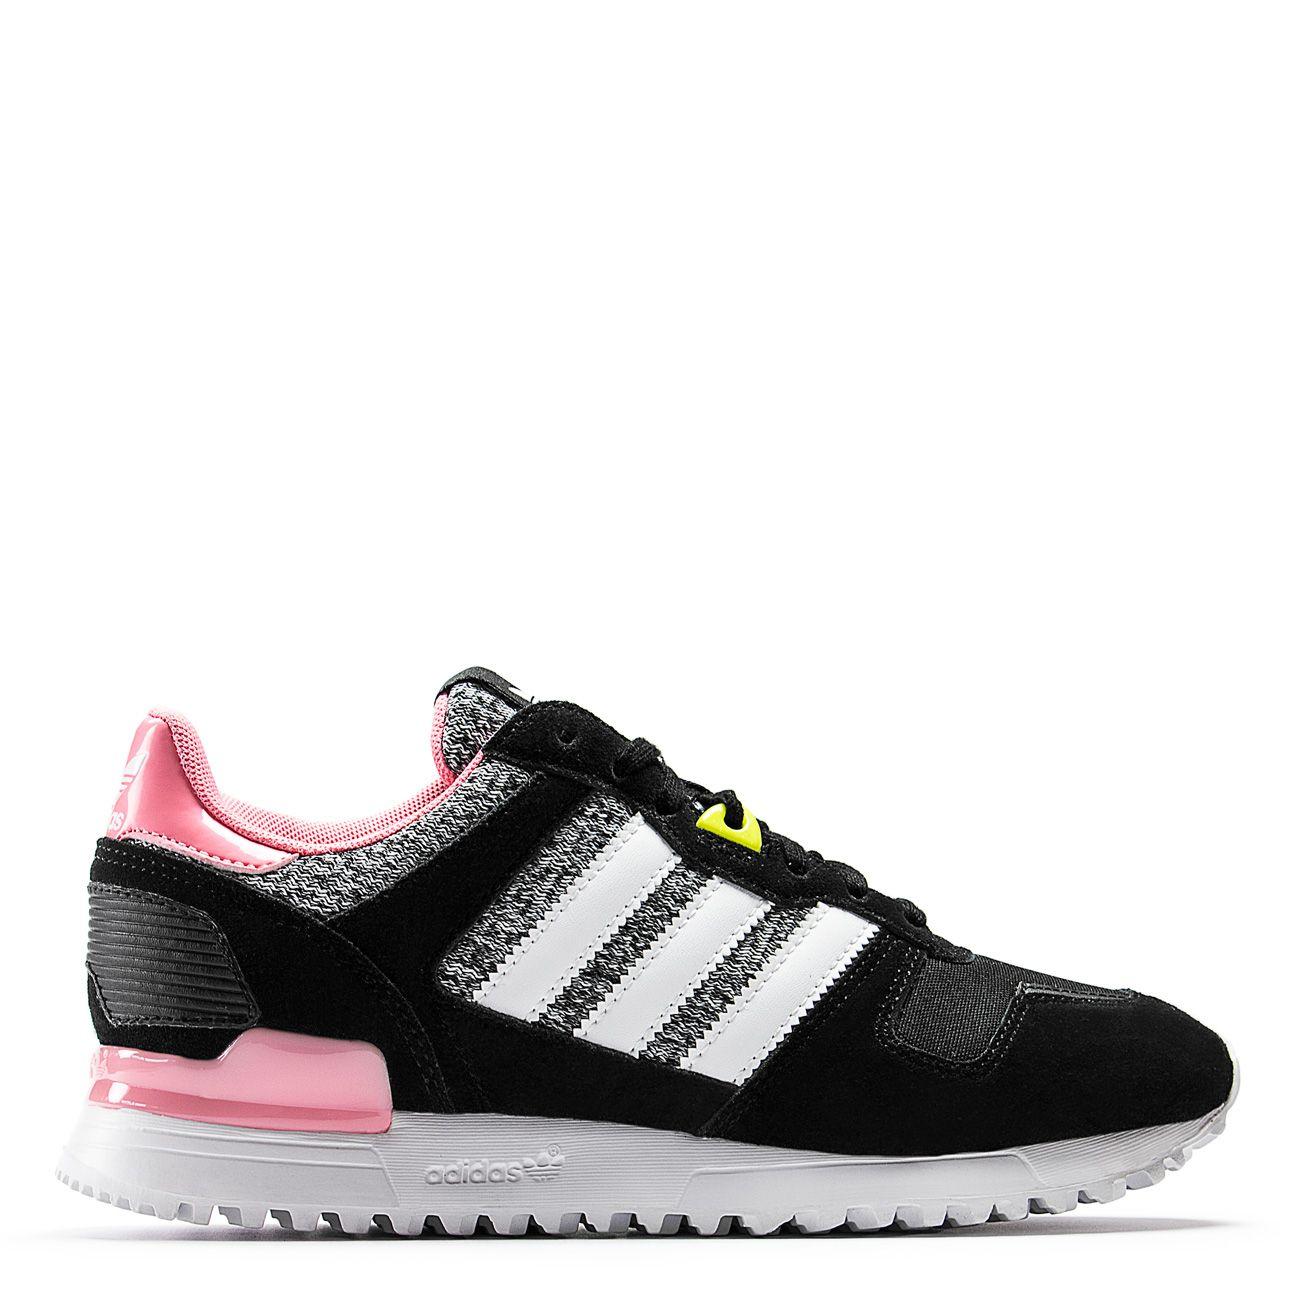 Adidas ZX 700- Woman | Bazar Desportivo shop online - Calçado, Roupa e  Acessórios. Adidas Zx 700Shoe GameSportTall Clothing